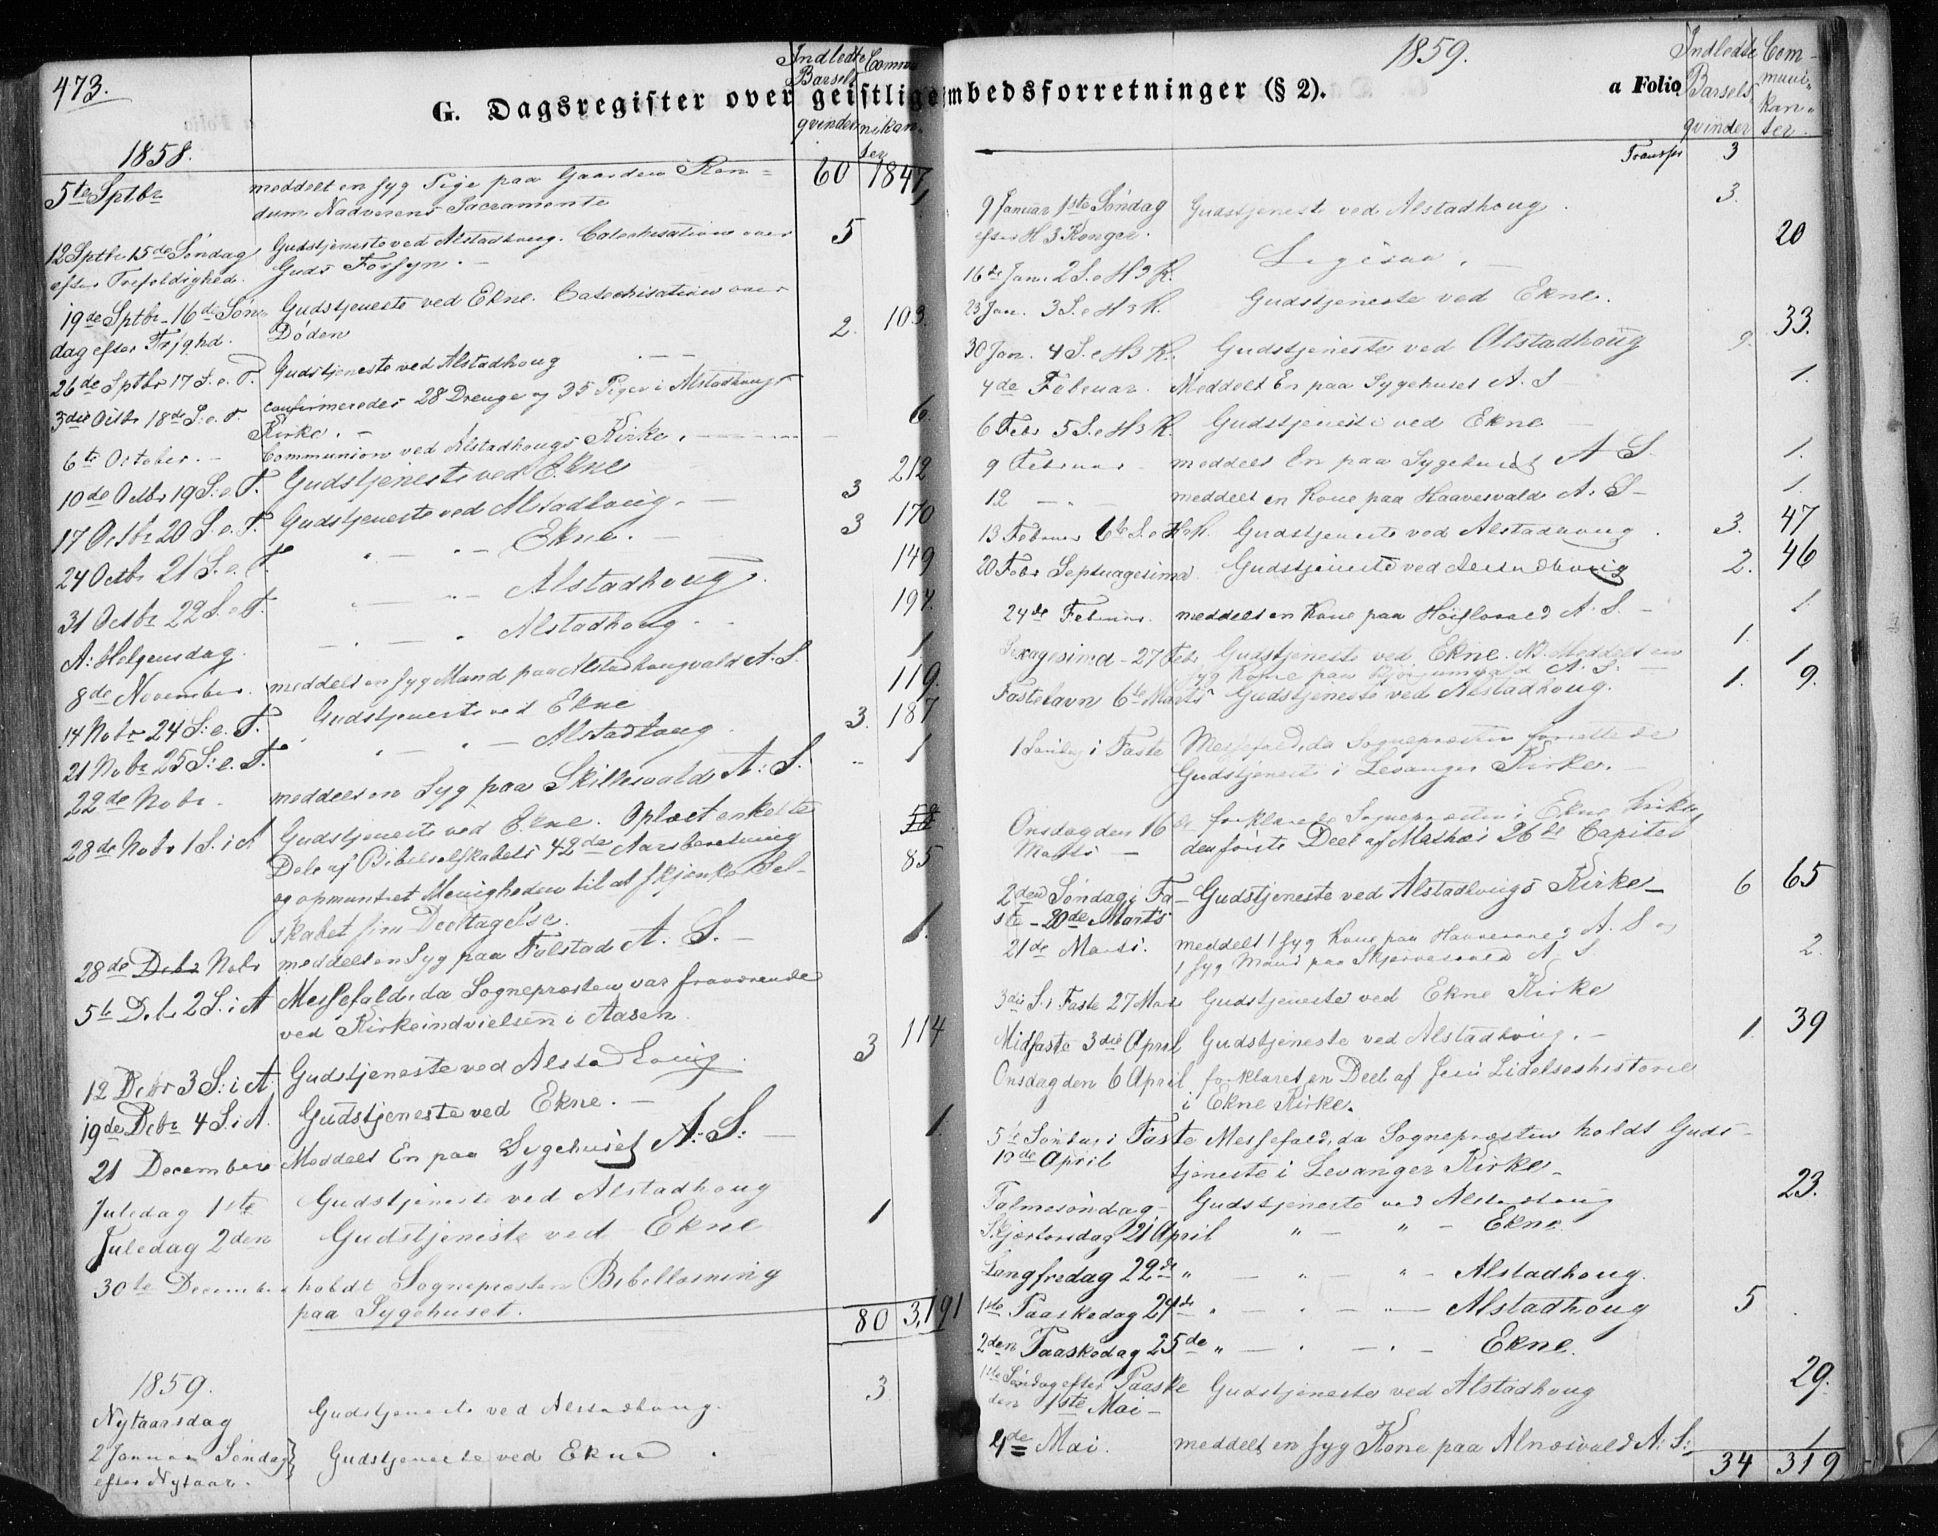 SAT, Ministerialprotokoller, klokkerbøker og fødselsregistre - Nord-Trøndelag, 717/L0154: Ministerialbok nr. 717A07 /1, 1850-1862, s. 473